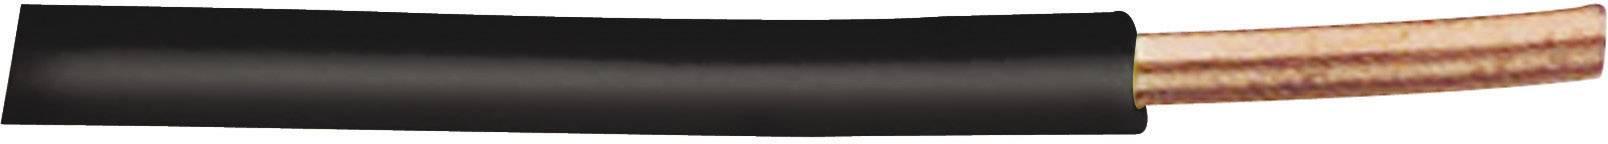 Spojovací drôt XBK Kabel 20401S H07V-U, 1 x 1.50 mm², vonkajší Ø 2.90 mm, metrový tovar, čierna